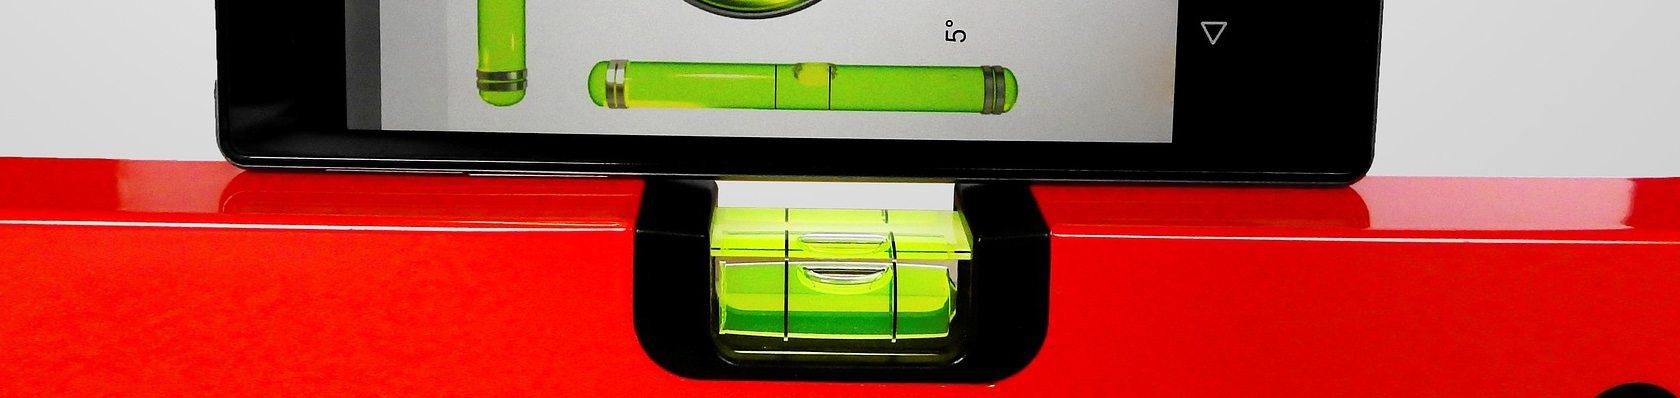 Laser Wasserwaagen im Test auf ExpertenTesten.de